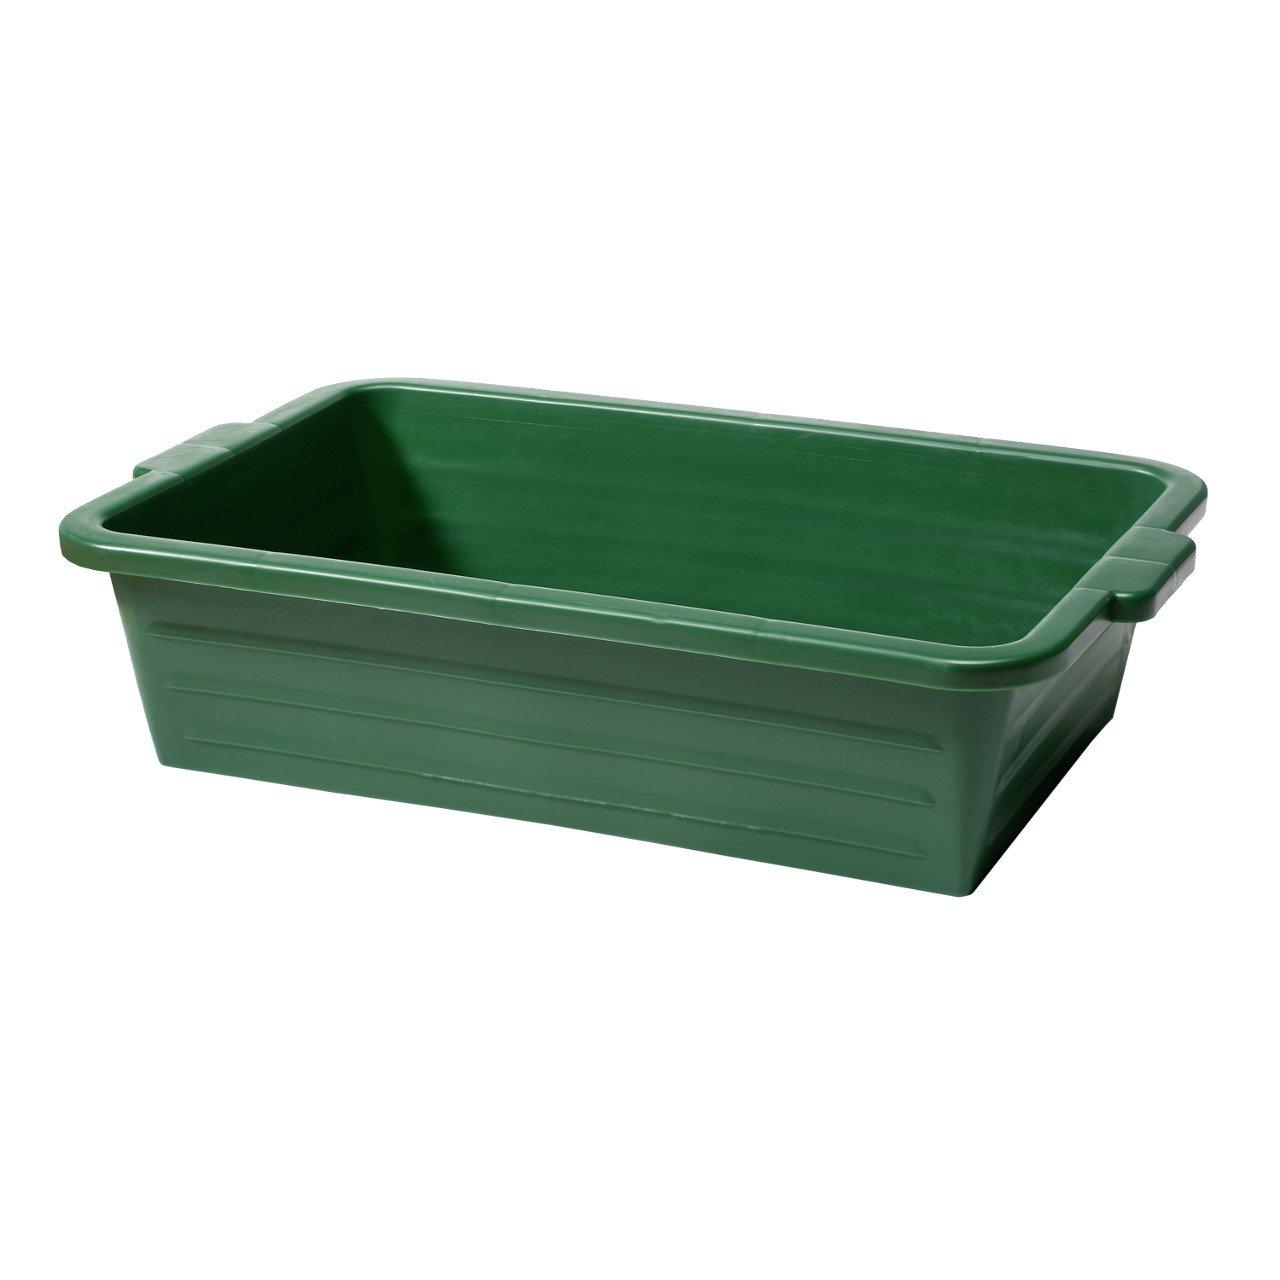 Cubeta porta caza, cubeta universal de plástico resistente y estable, color verde, apilables con asa Waffenpflegewelt